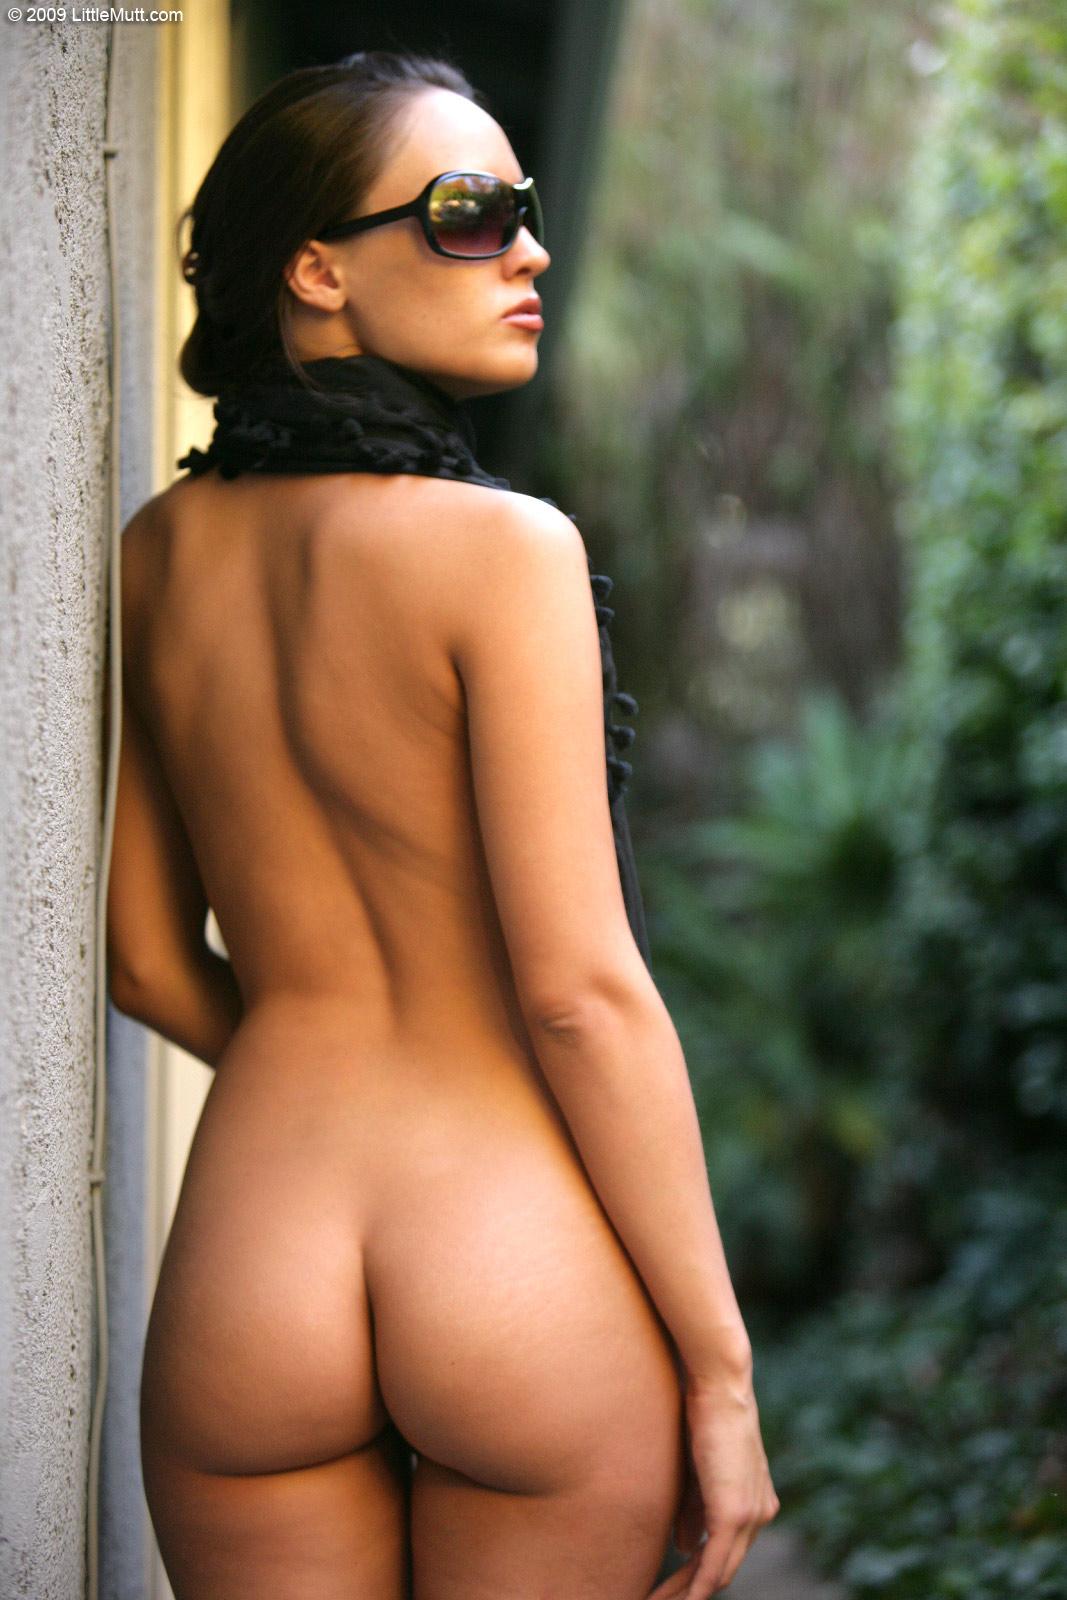 Nadia aria nude